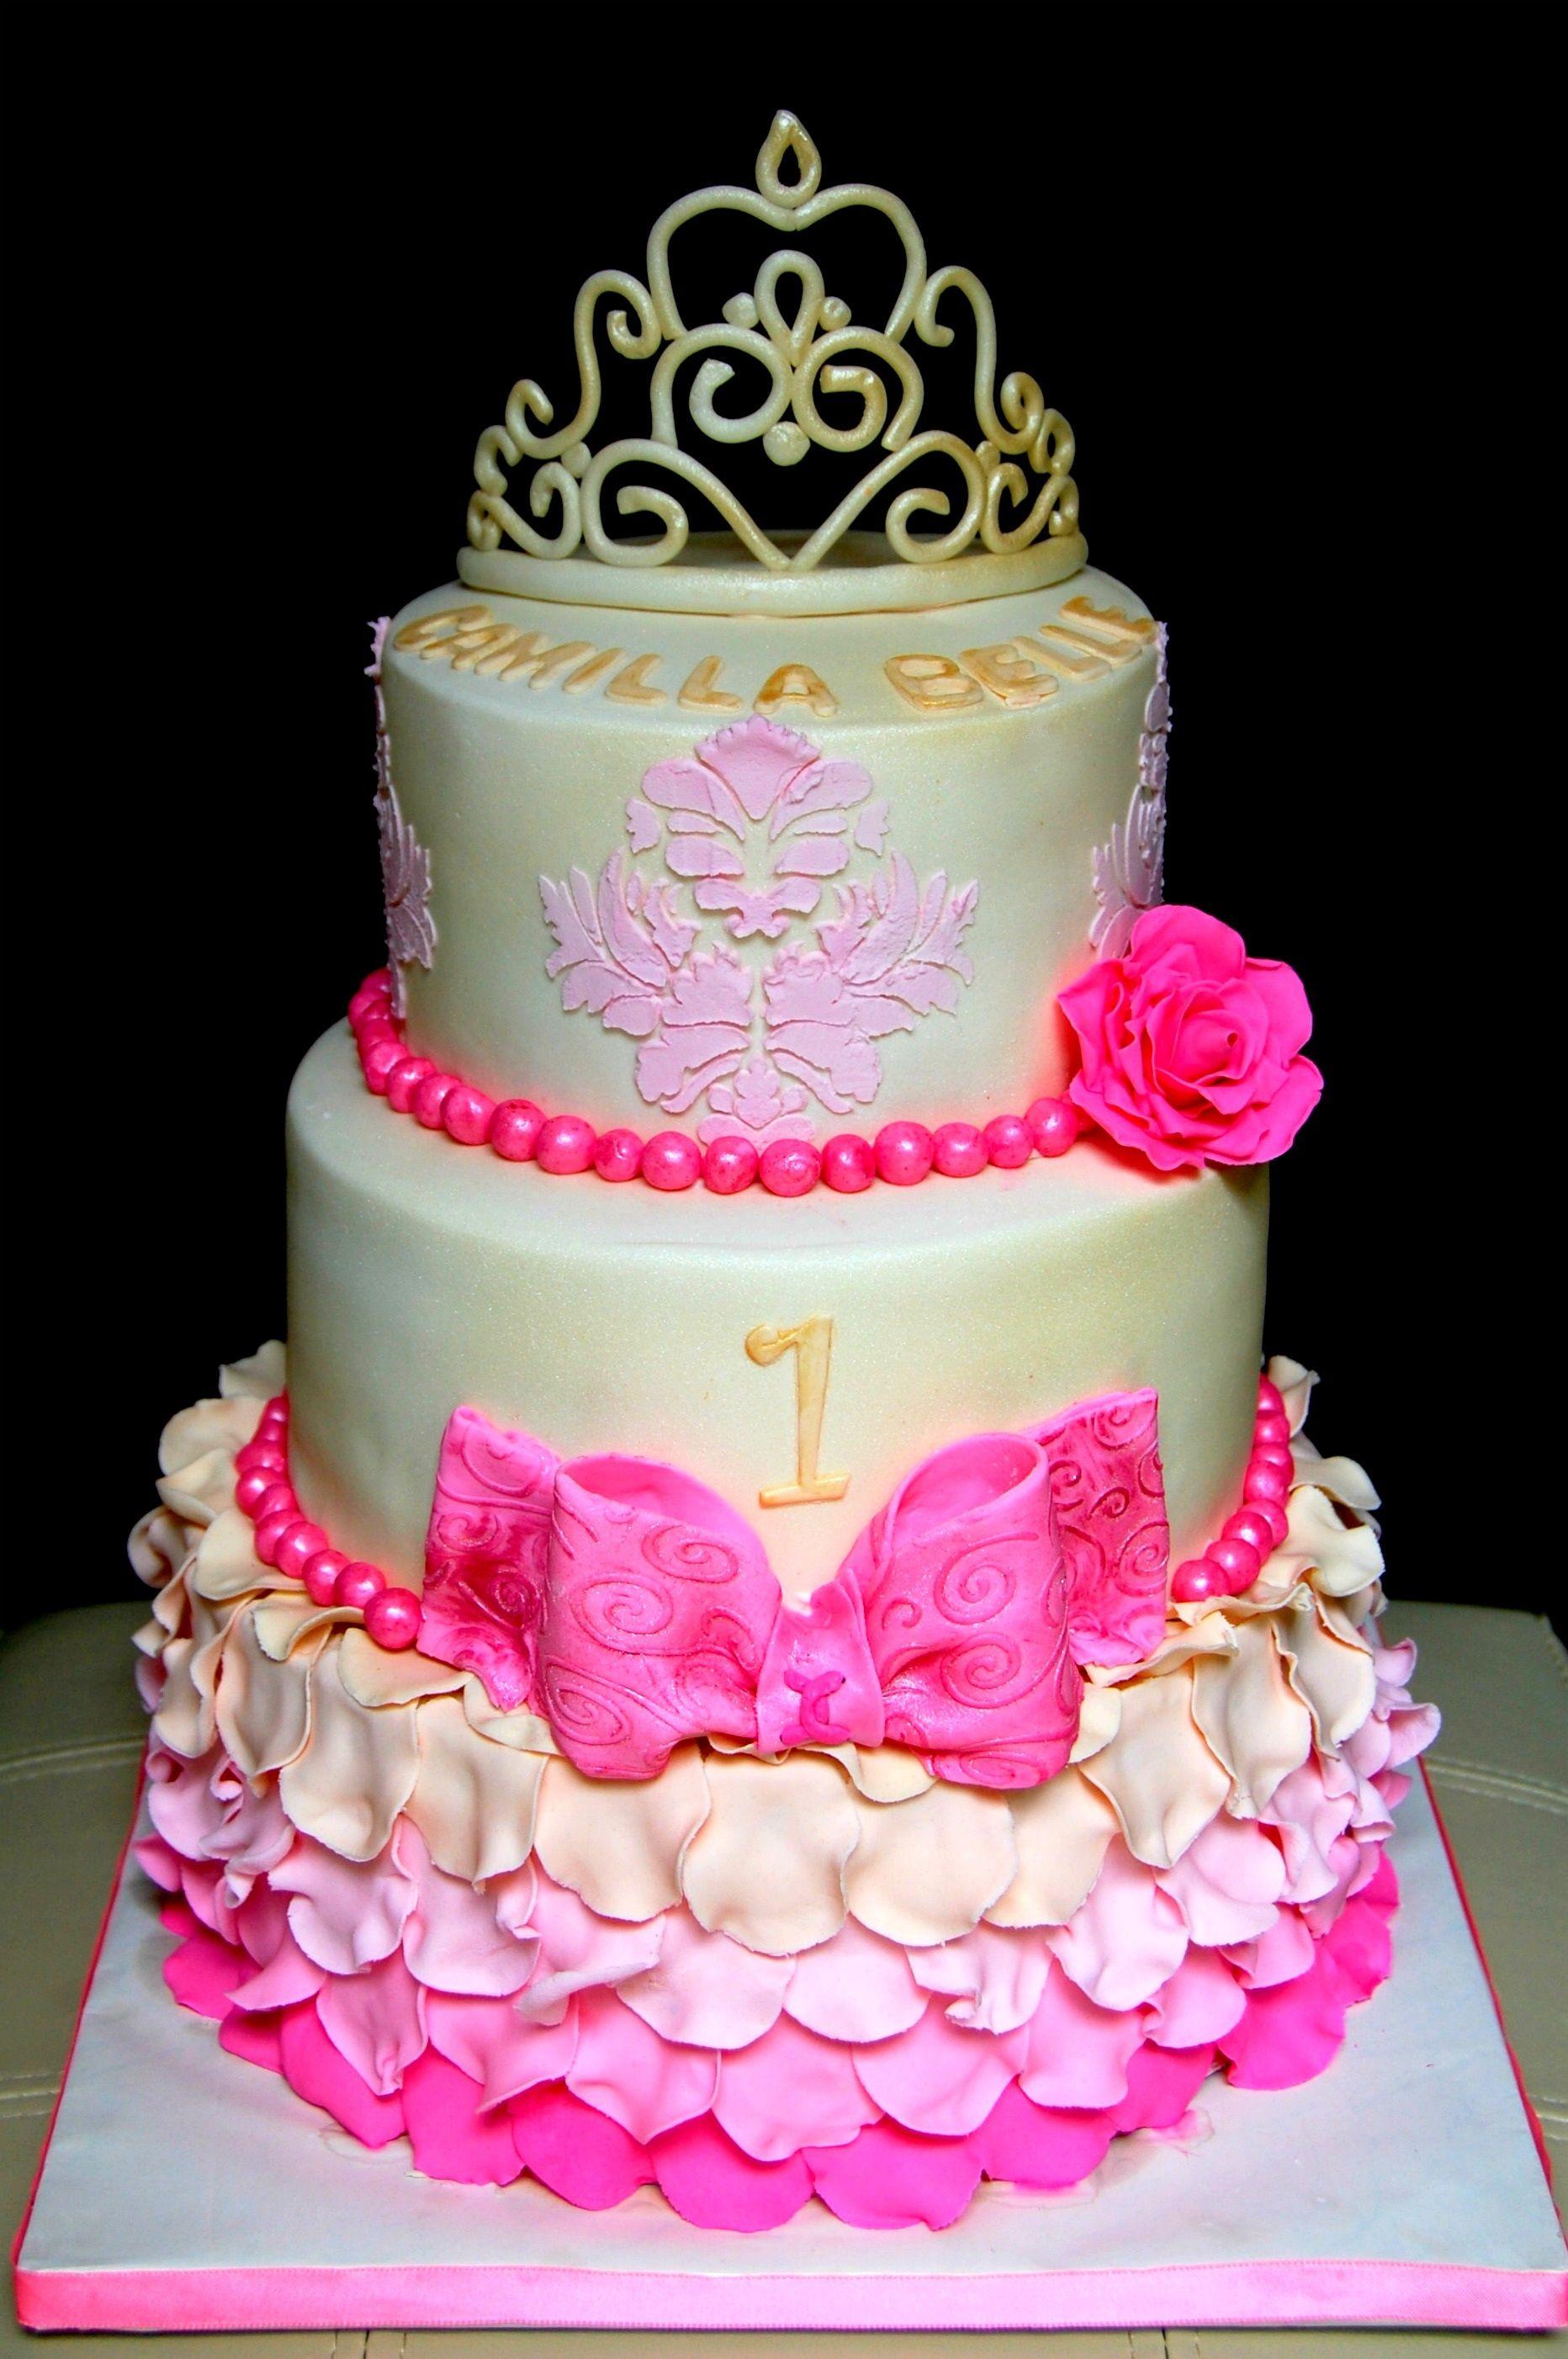 PRINCESS CAKE IDEAS Vintage princess Birthday cakes and Princess